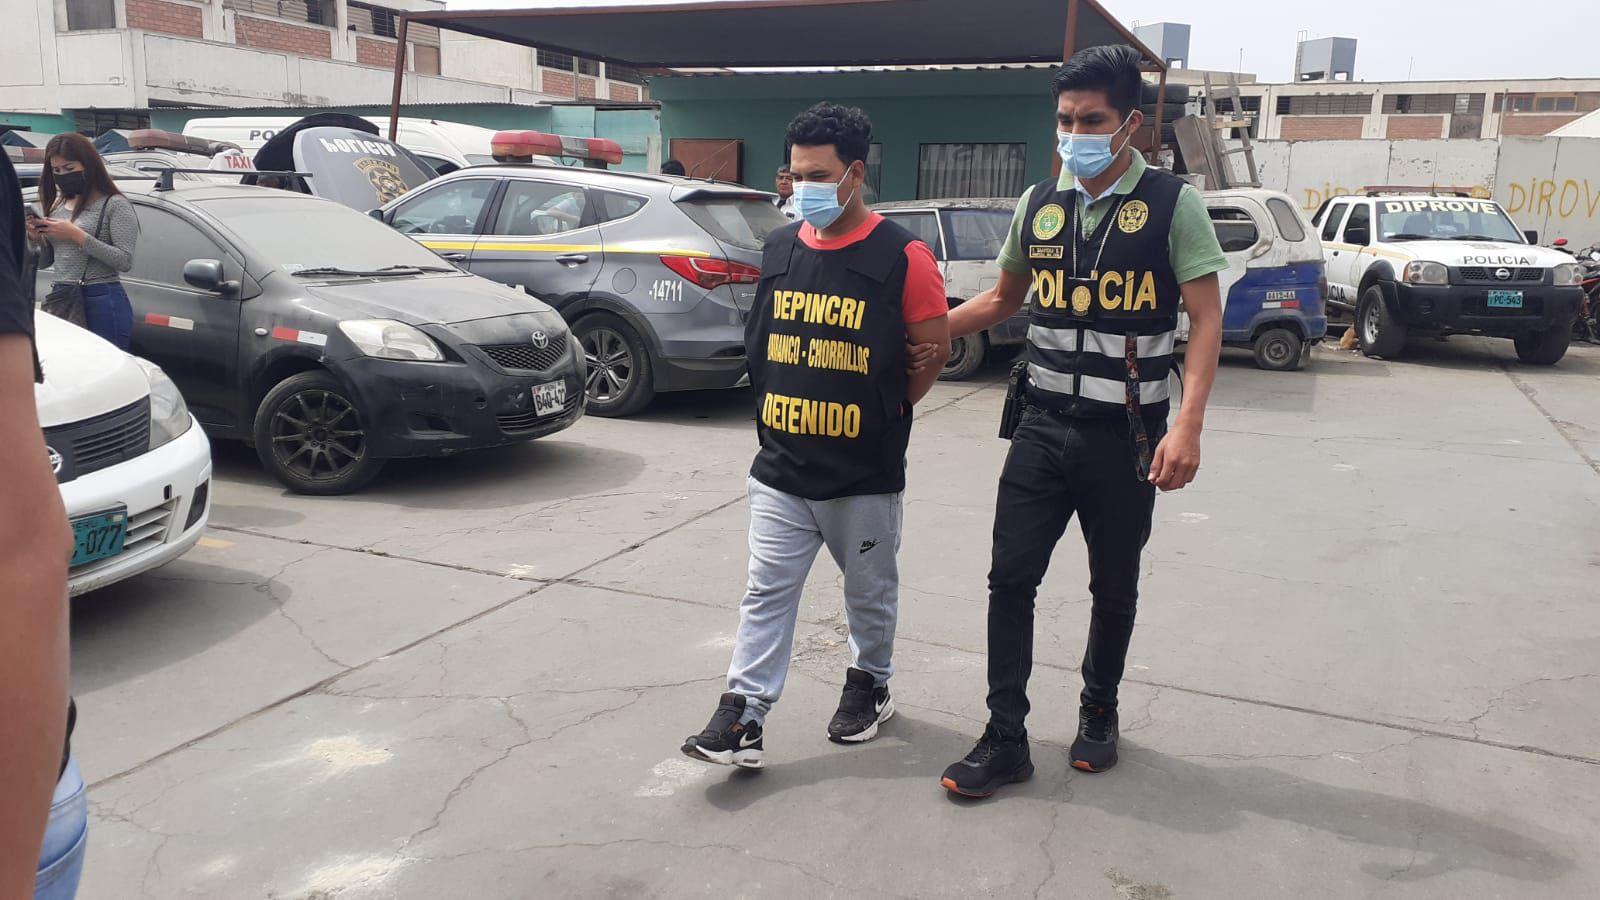 Detectives de Depincri Barranco-Chorrillos atraparon a Rooy Espinal Salazar (37), 'Chato Roy', y sus secuaces Efraín Alberto Gaspar Arotinco (30), 'Vito', y Angel André Cornejo Roca (28), 'Andre'.  (fotos: Trome)